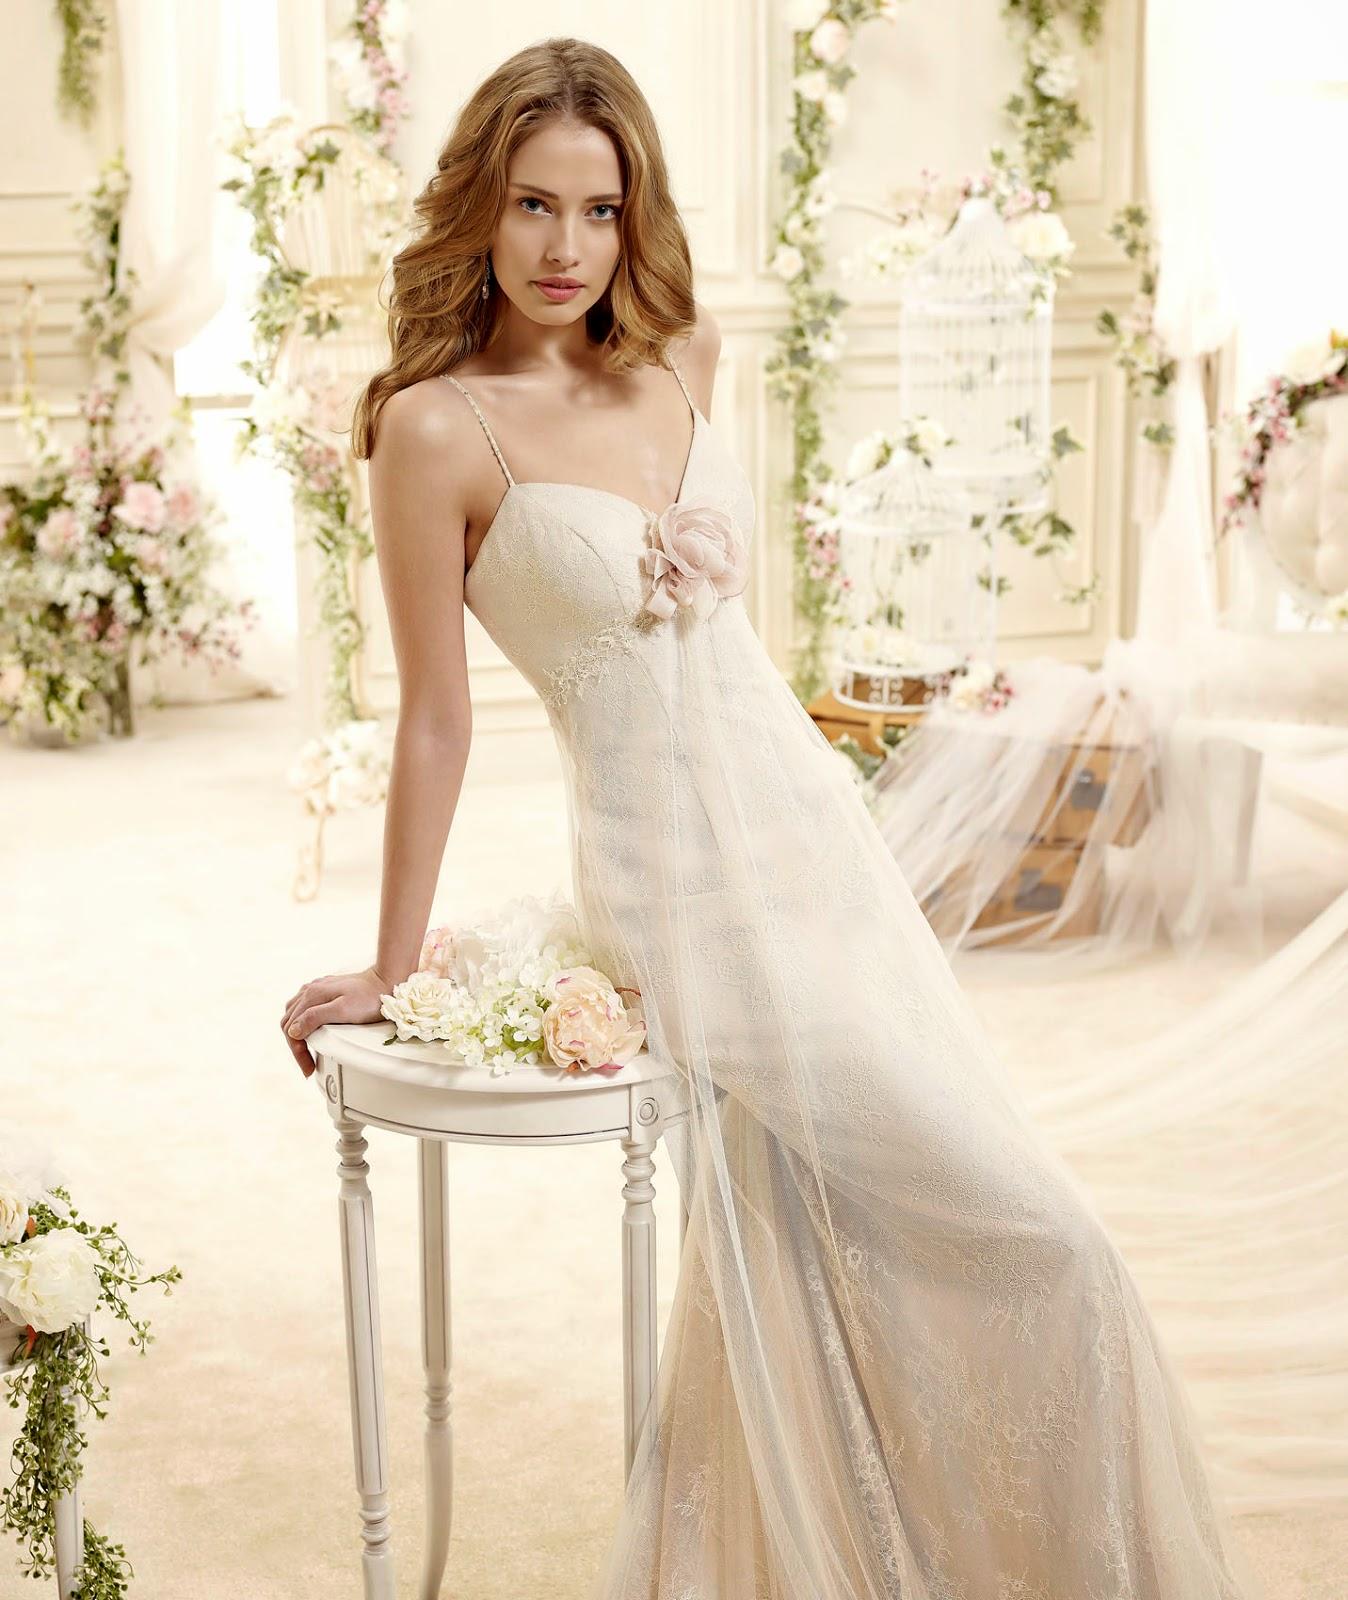 abiti da sposa 2015 Colet in stile impero, romantici per nozze shabby chic